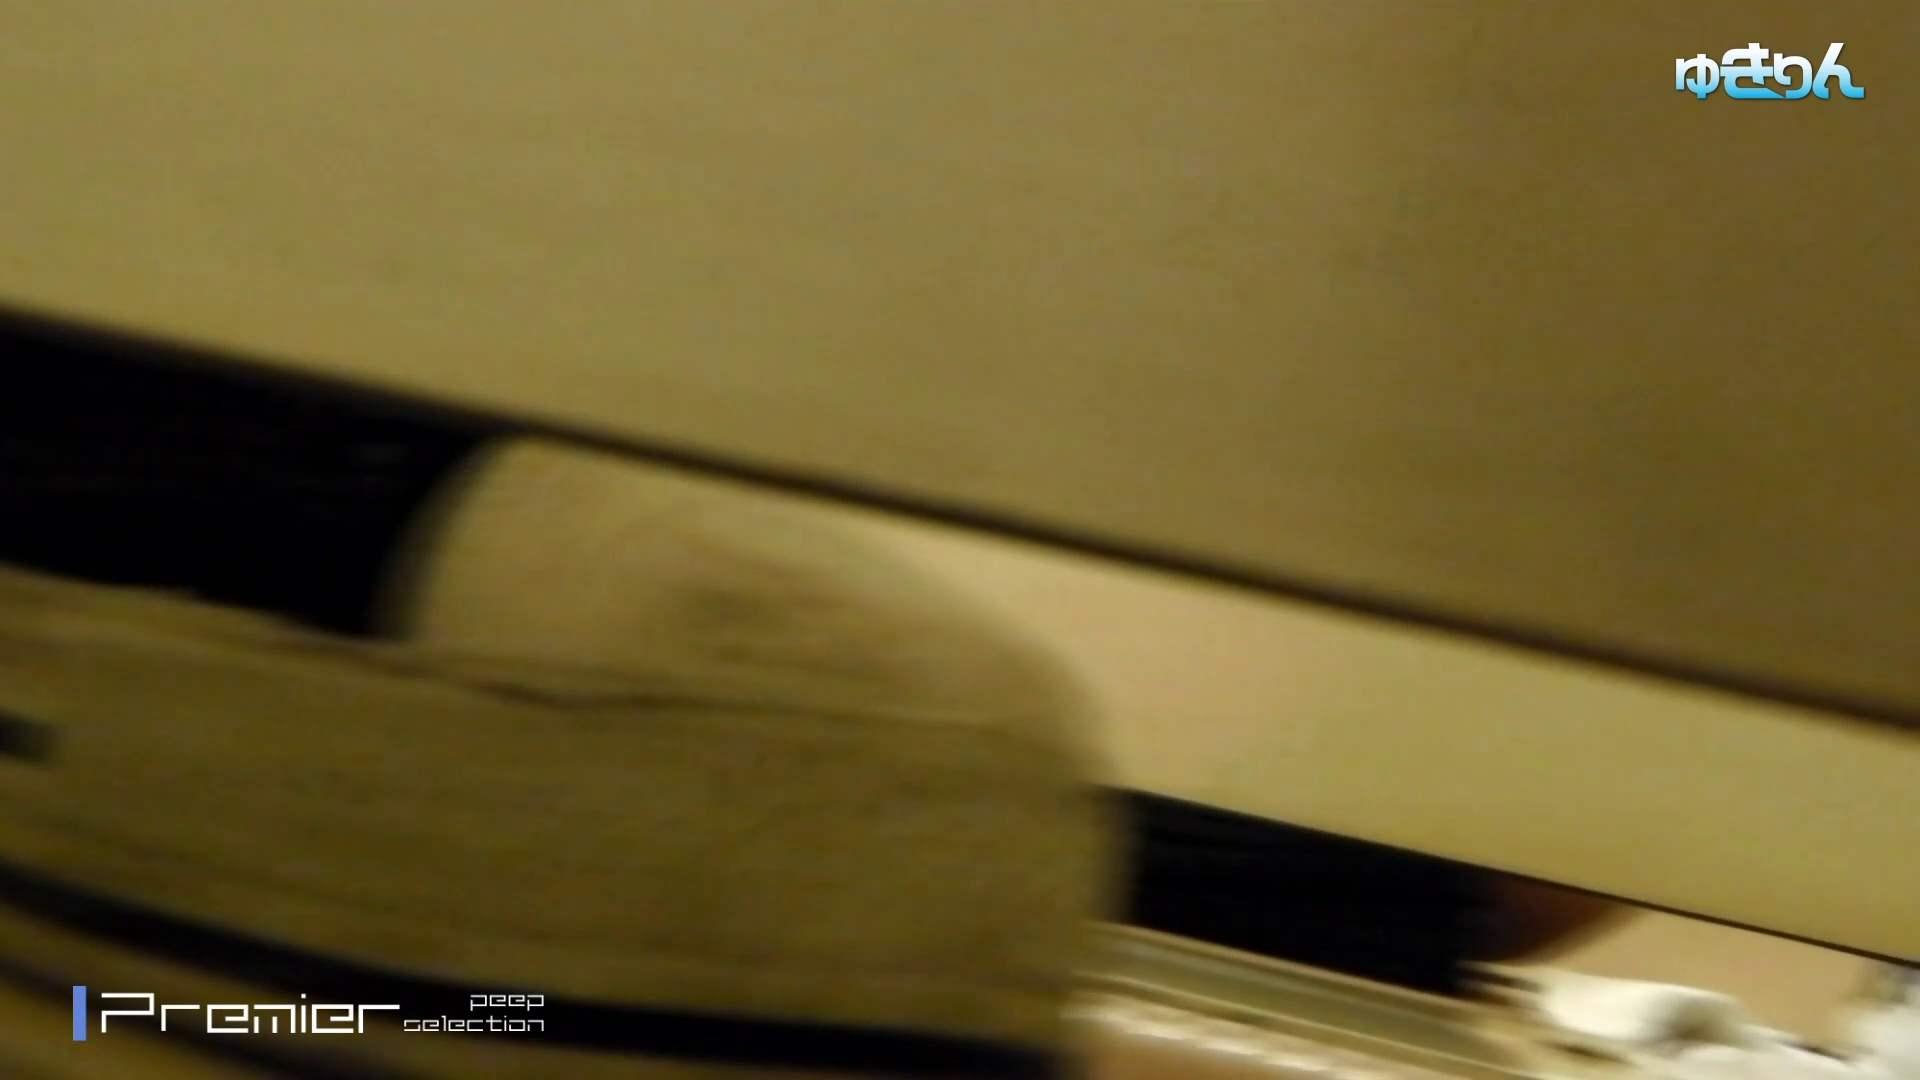 新世界の射窓 No98 キターッ特別に可愛い子の為、外まで粘着追い撮り!! 高画質 ワレメ動画紹介 110枚 6